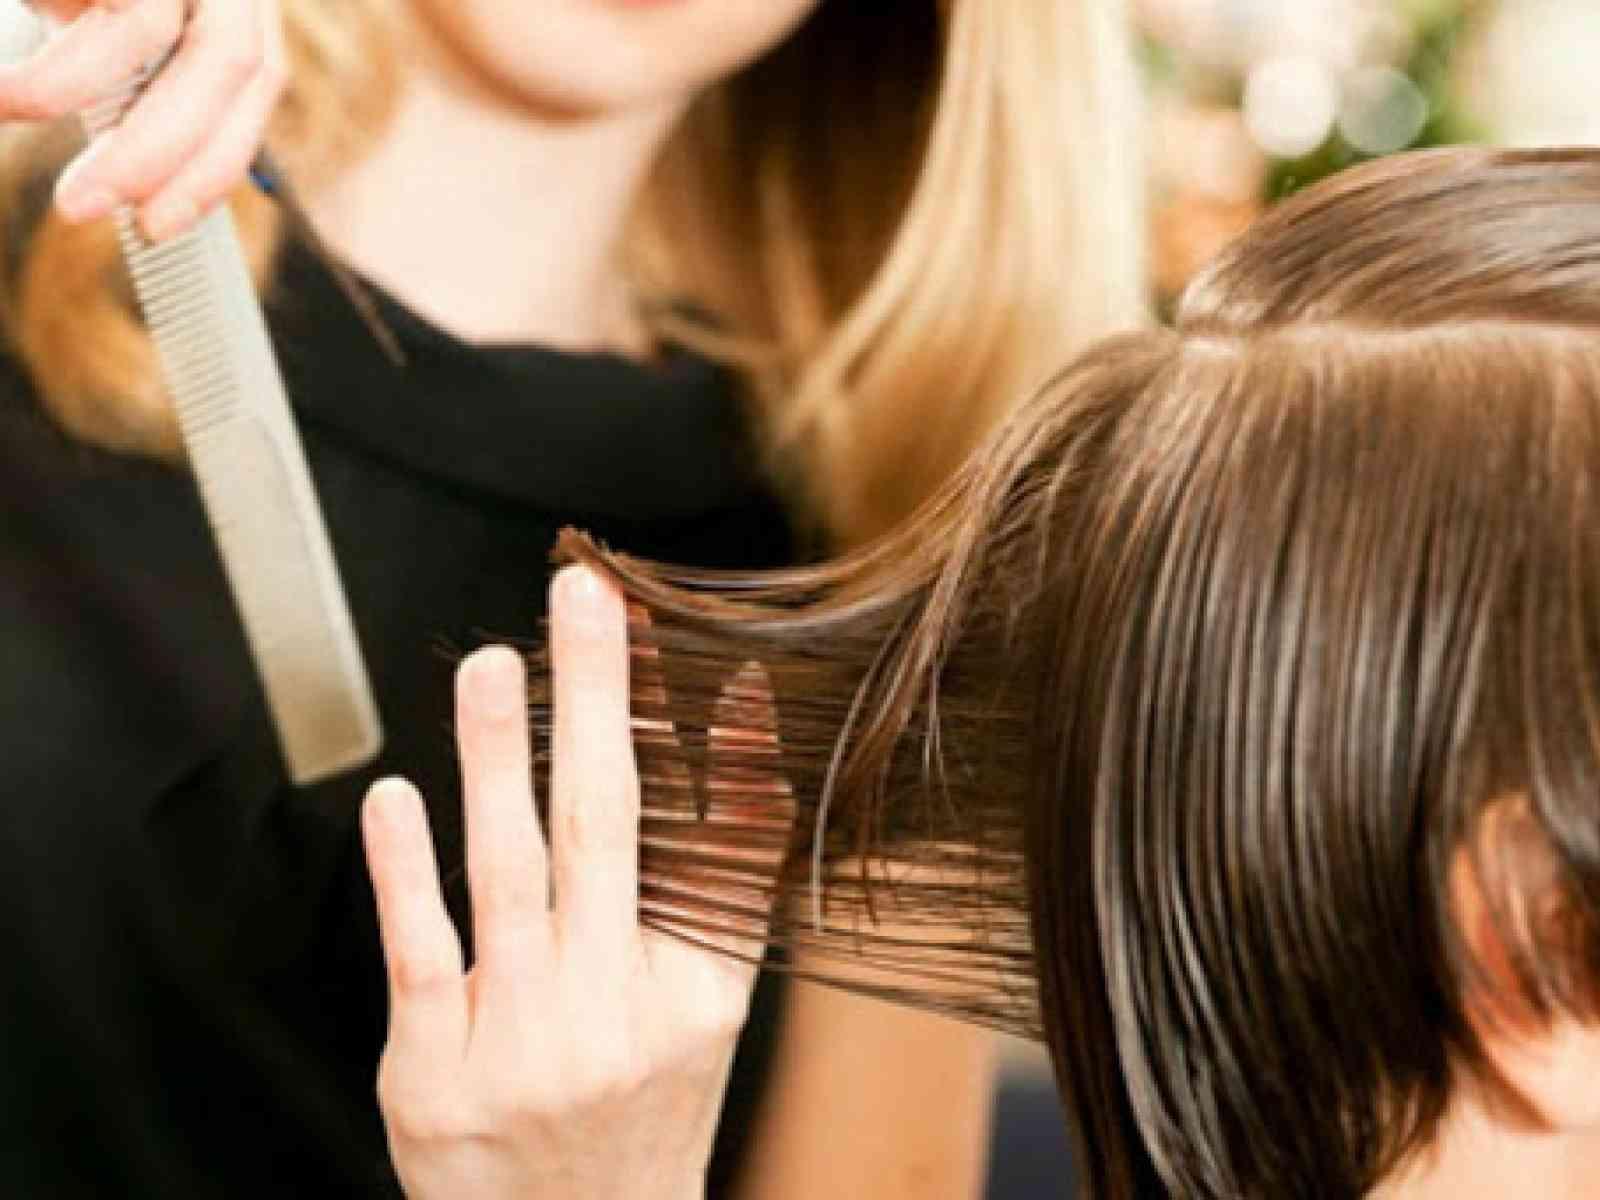 """Immagine articolo: Menfi, parrucchieri ed estetiste si scagliano contro gli abusivi: """"Si arricchiscono senza pagare tasse. Siamo indignati. Servono più controlli"""". Appello alle Istituzioni"""